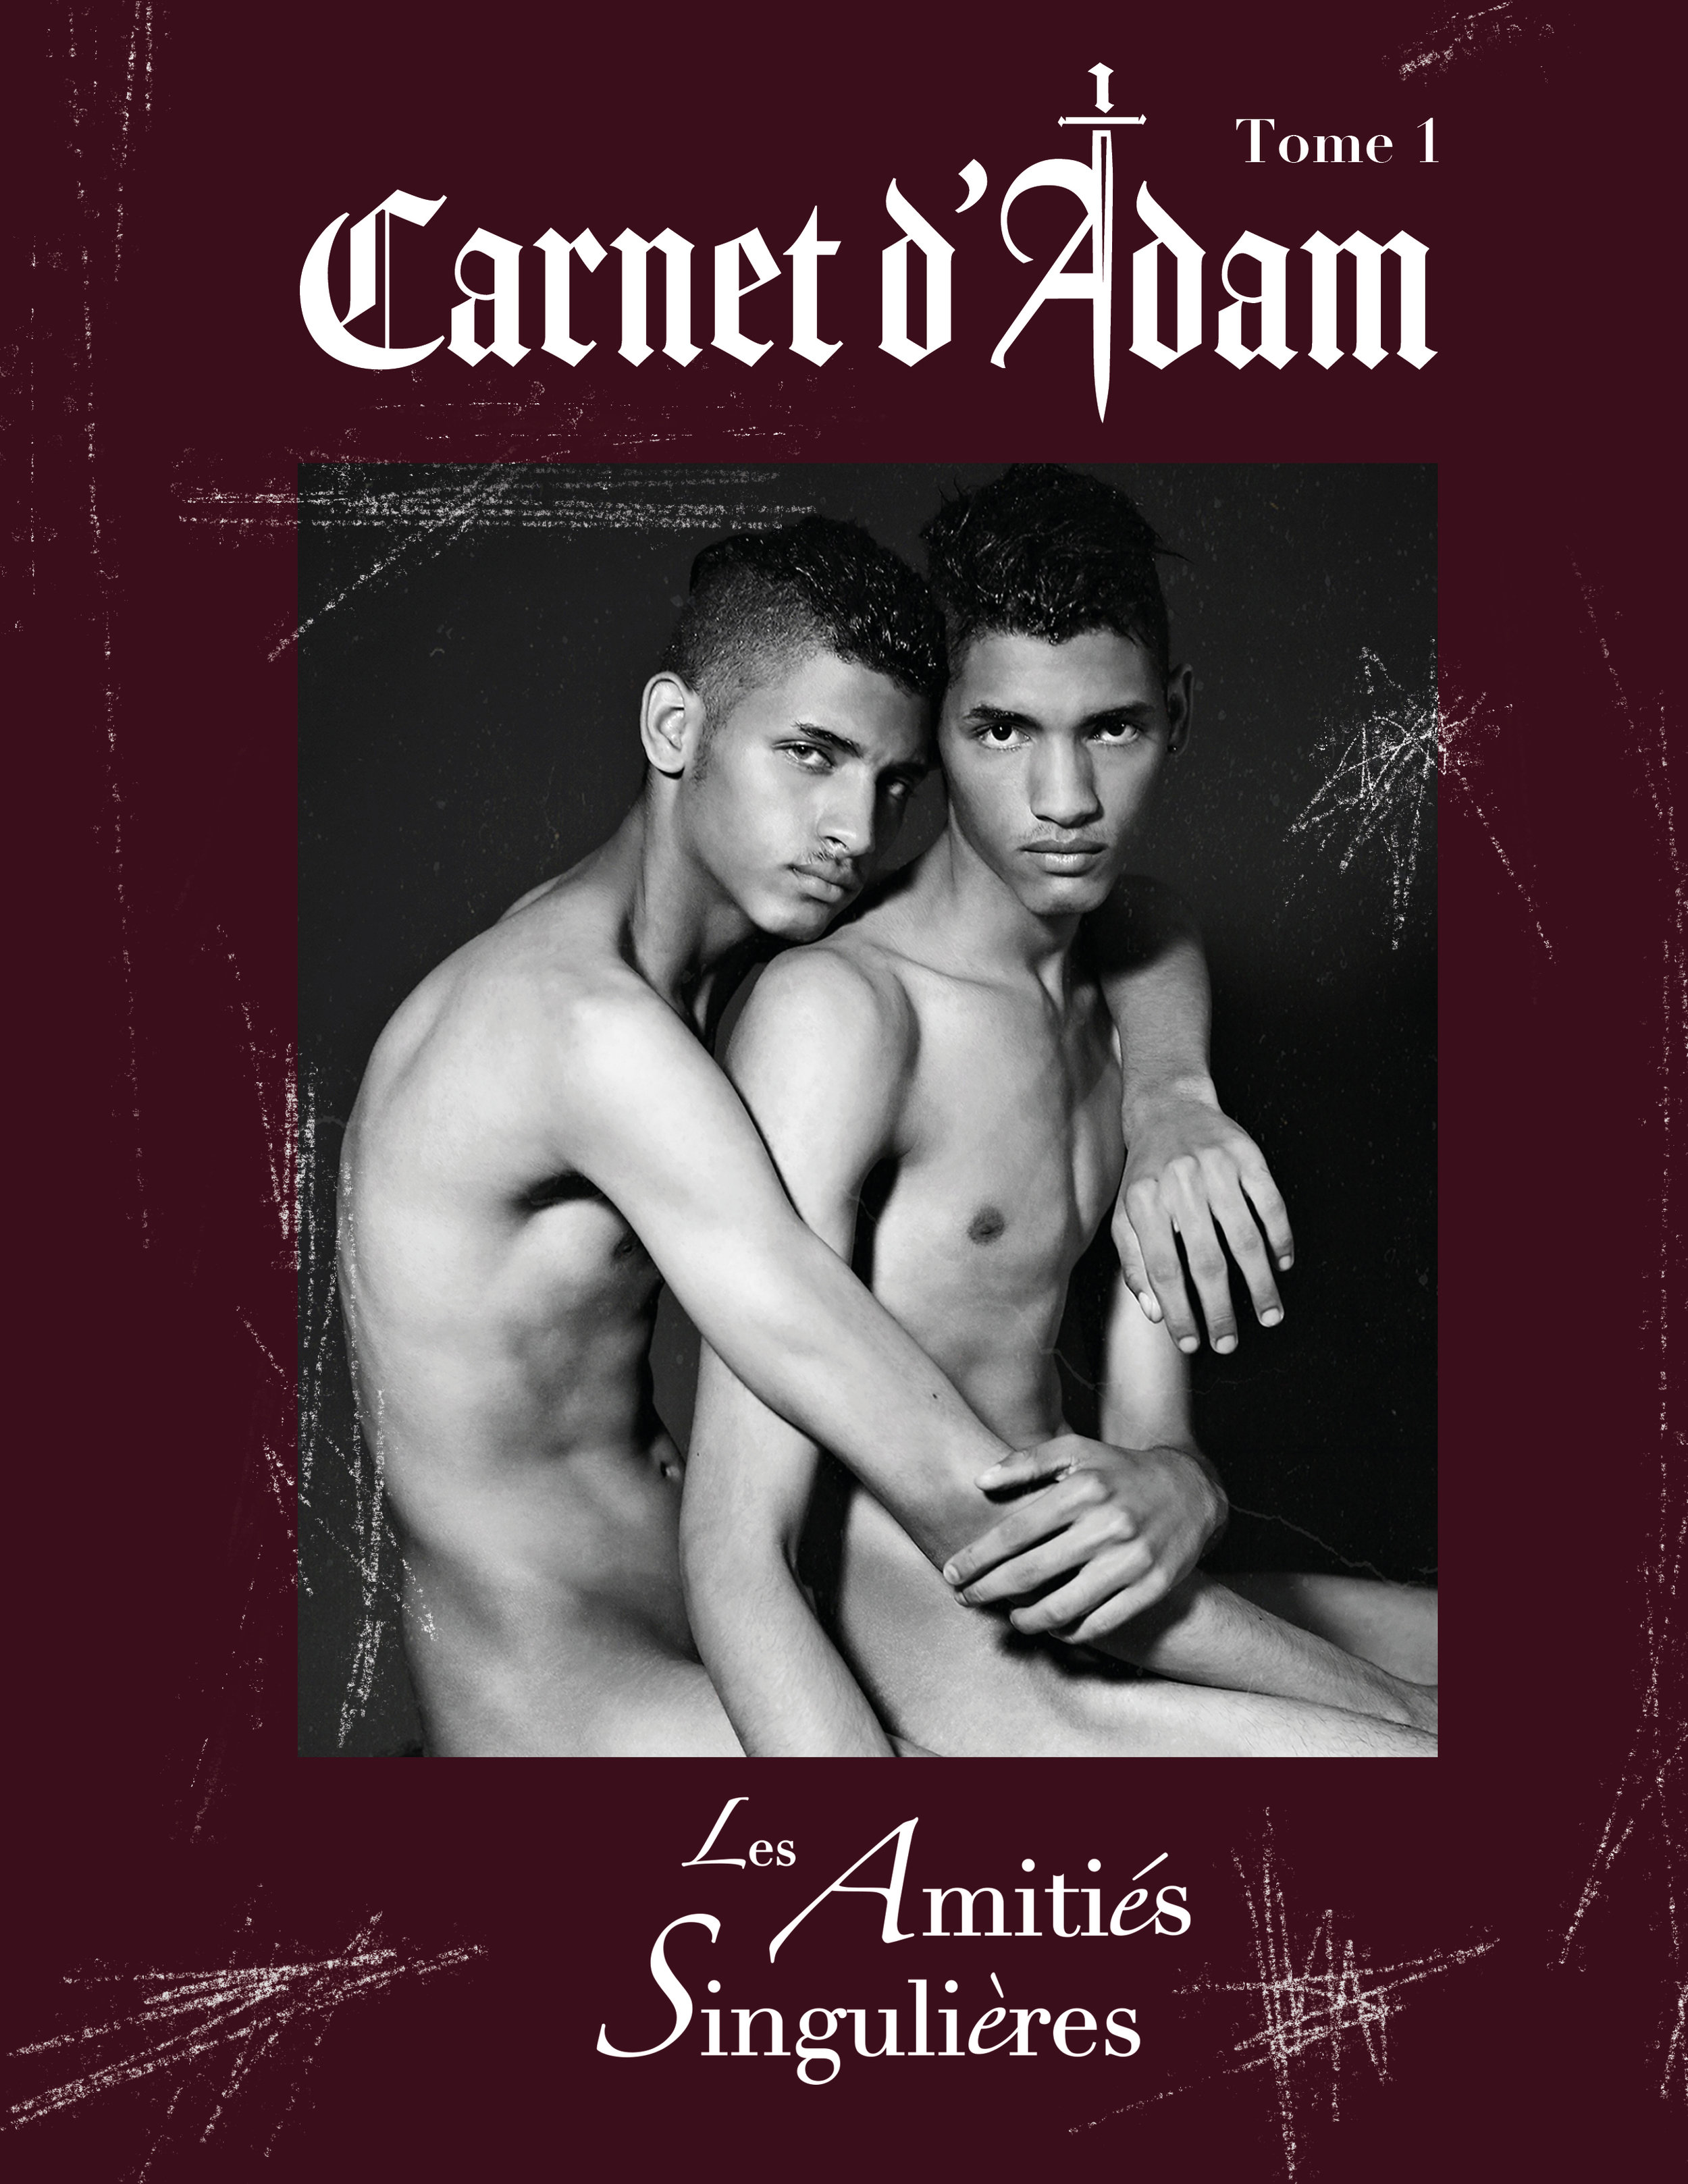 Cover_CARNET D'ADAM FANZINE - Tome 1_v1.jpg